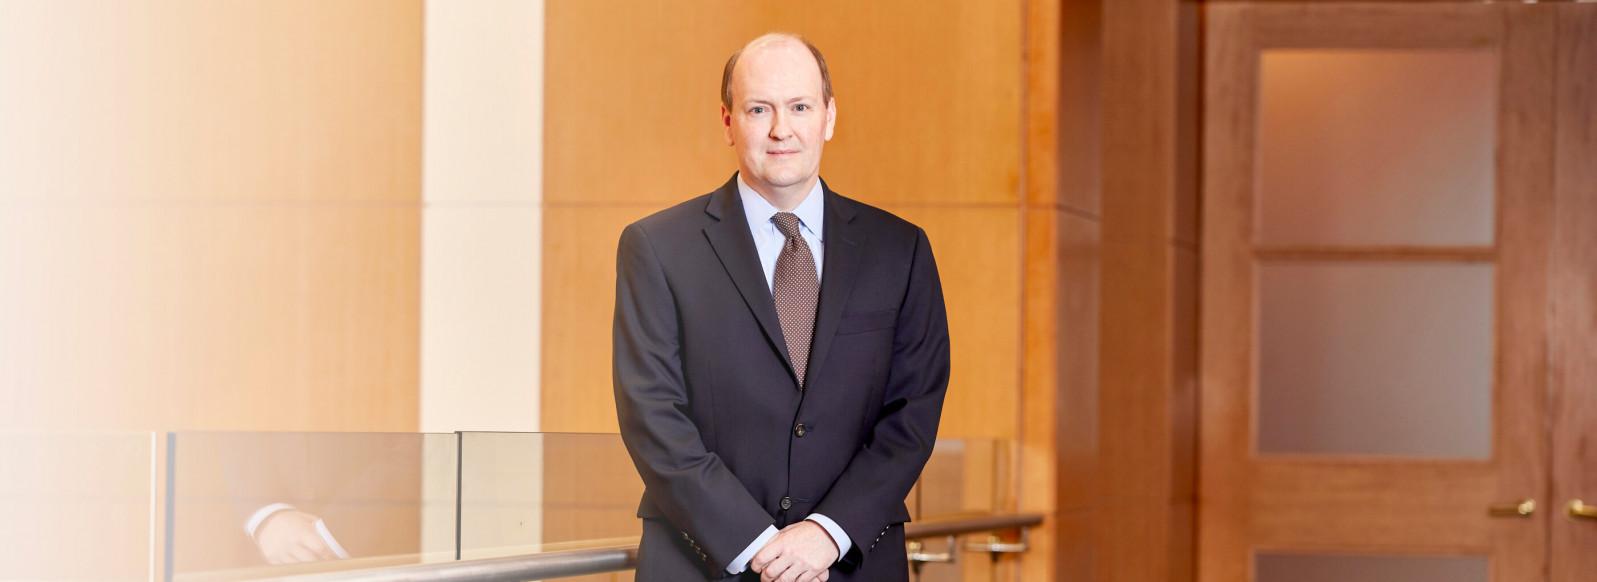 Travis N. Carter